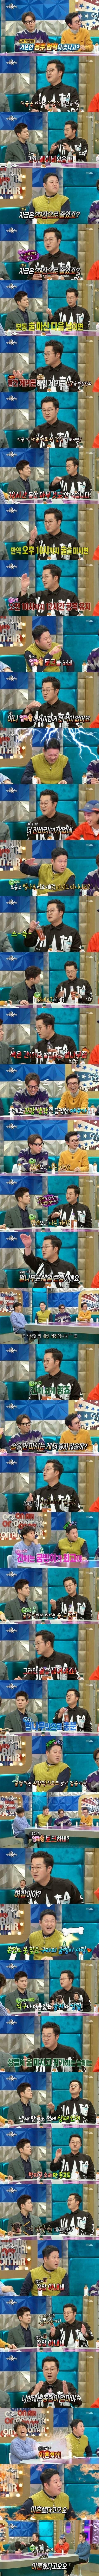 입으로 김구라 가둬놓고 팰 수 있는 연예인.jpg | 인스티즈